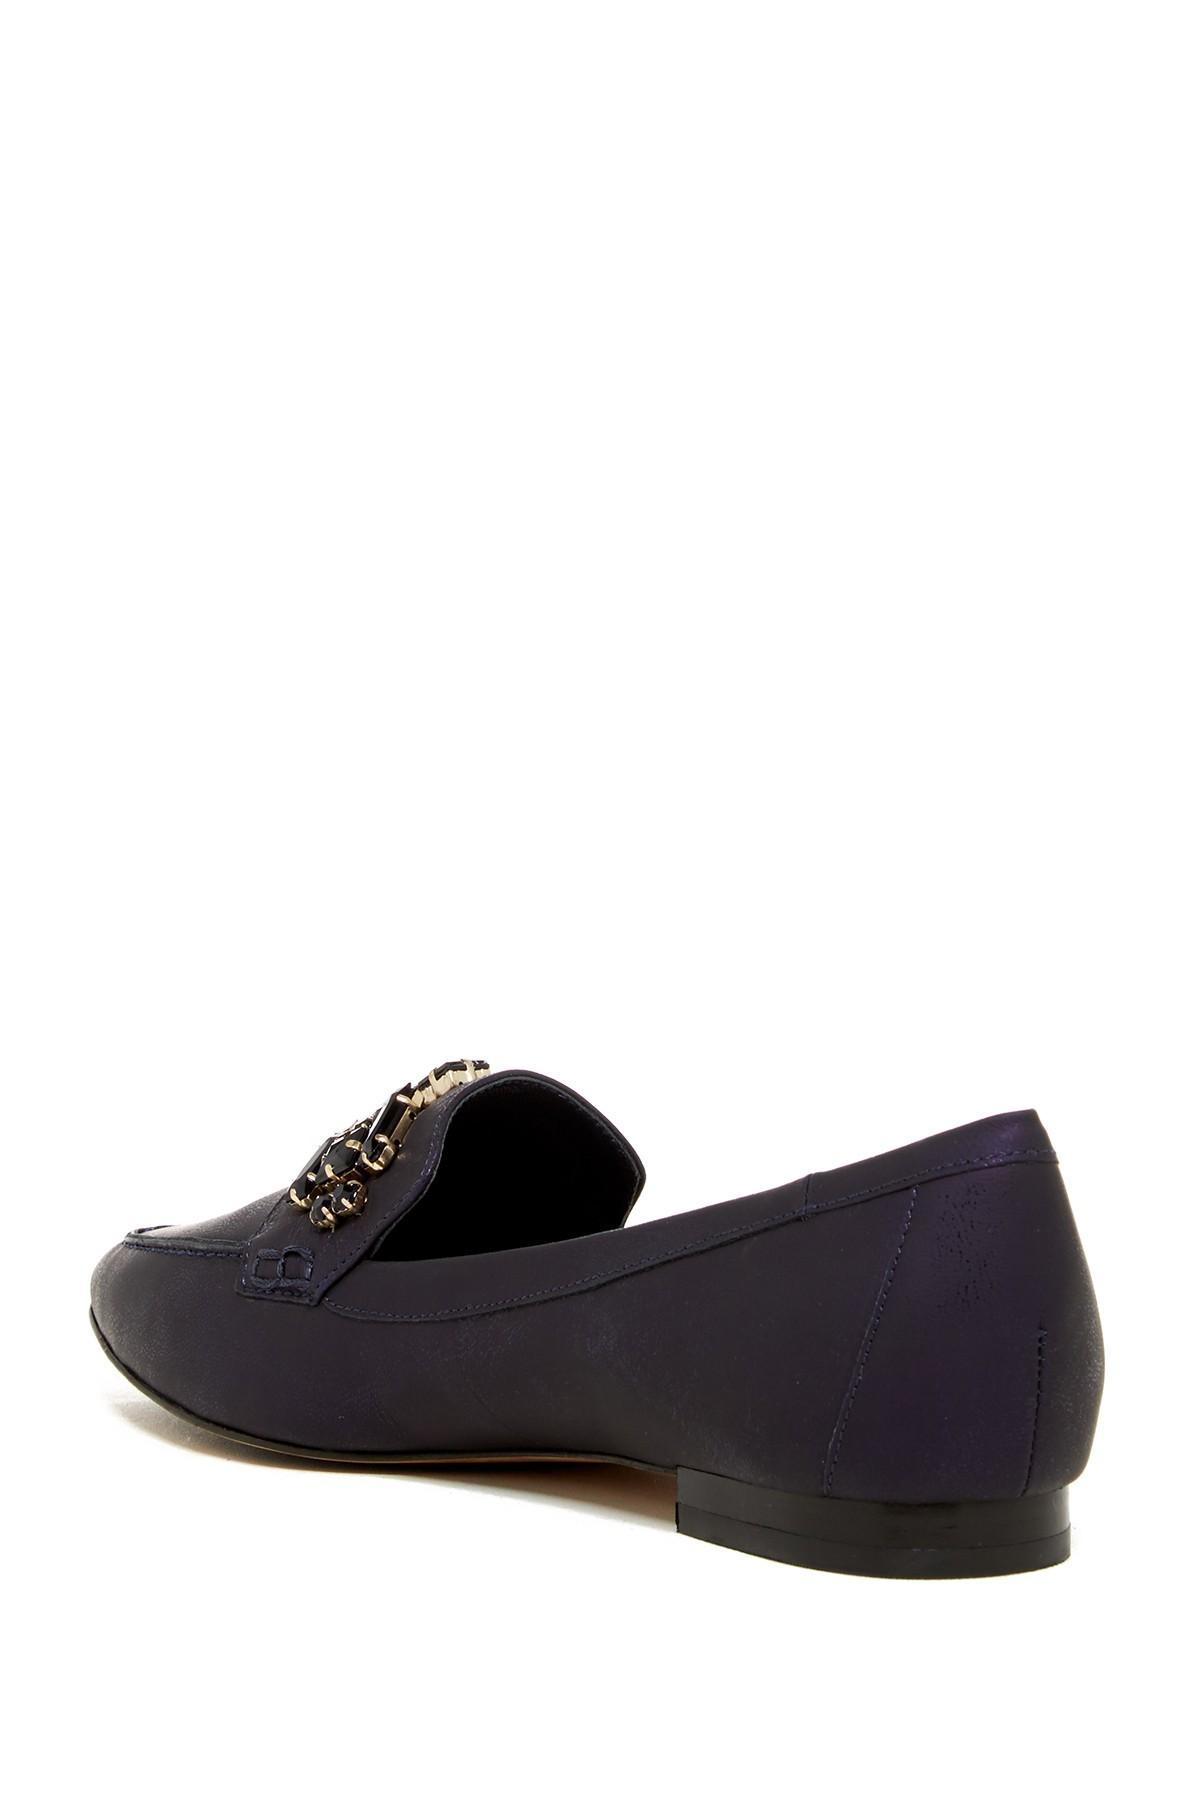 Donald Pliner Women S Shoes M